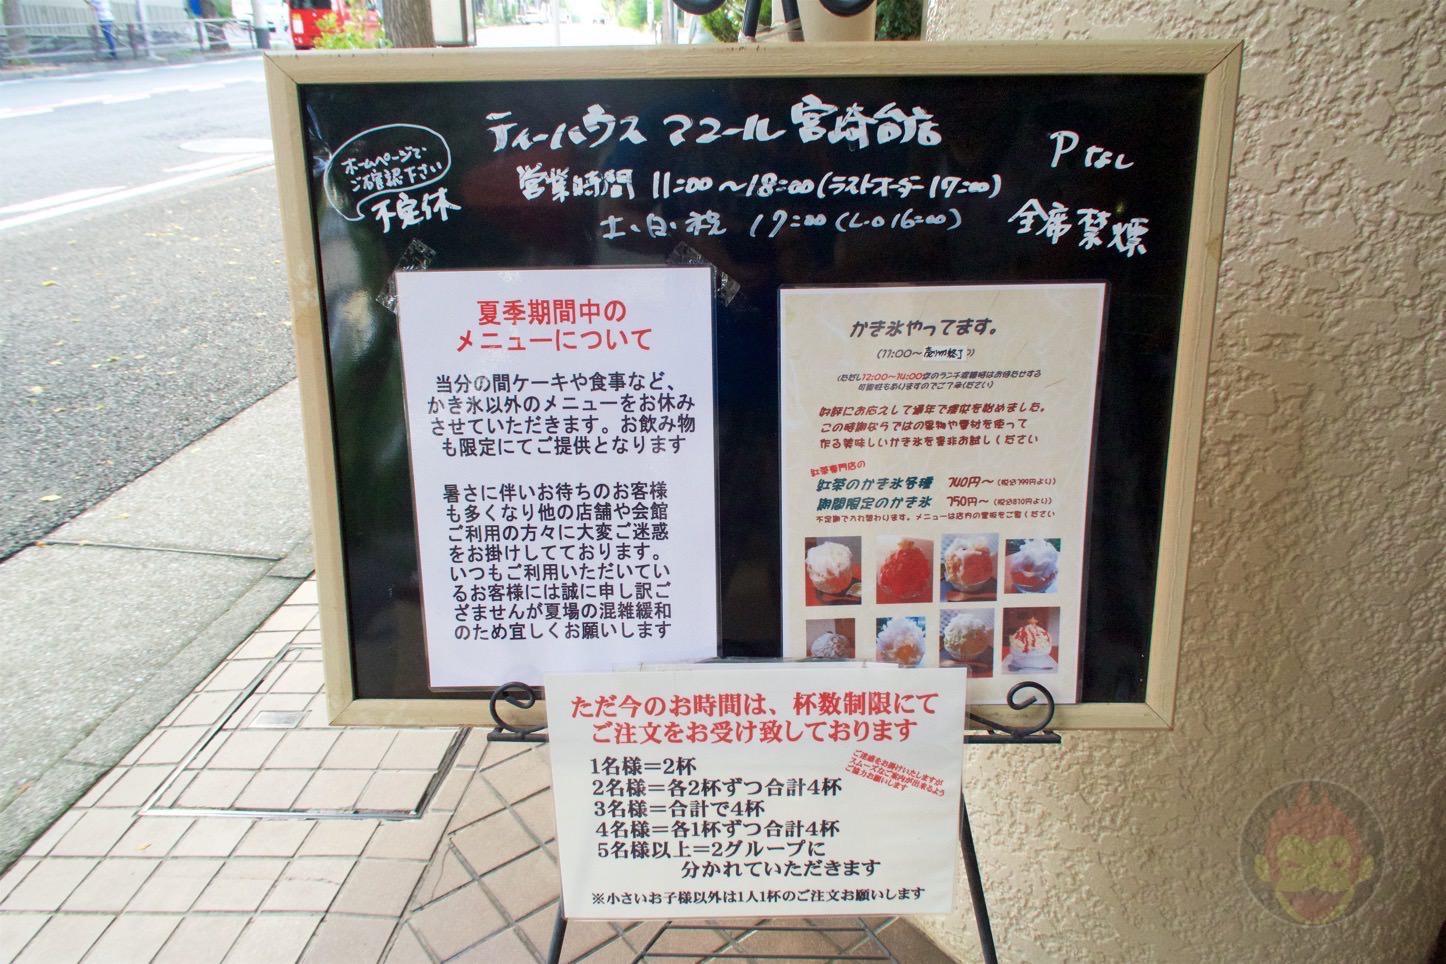 ティーハウスマユール宮崎台